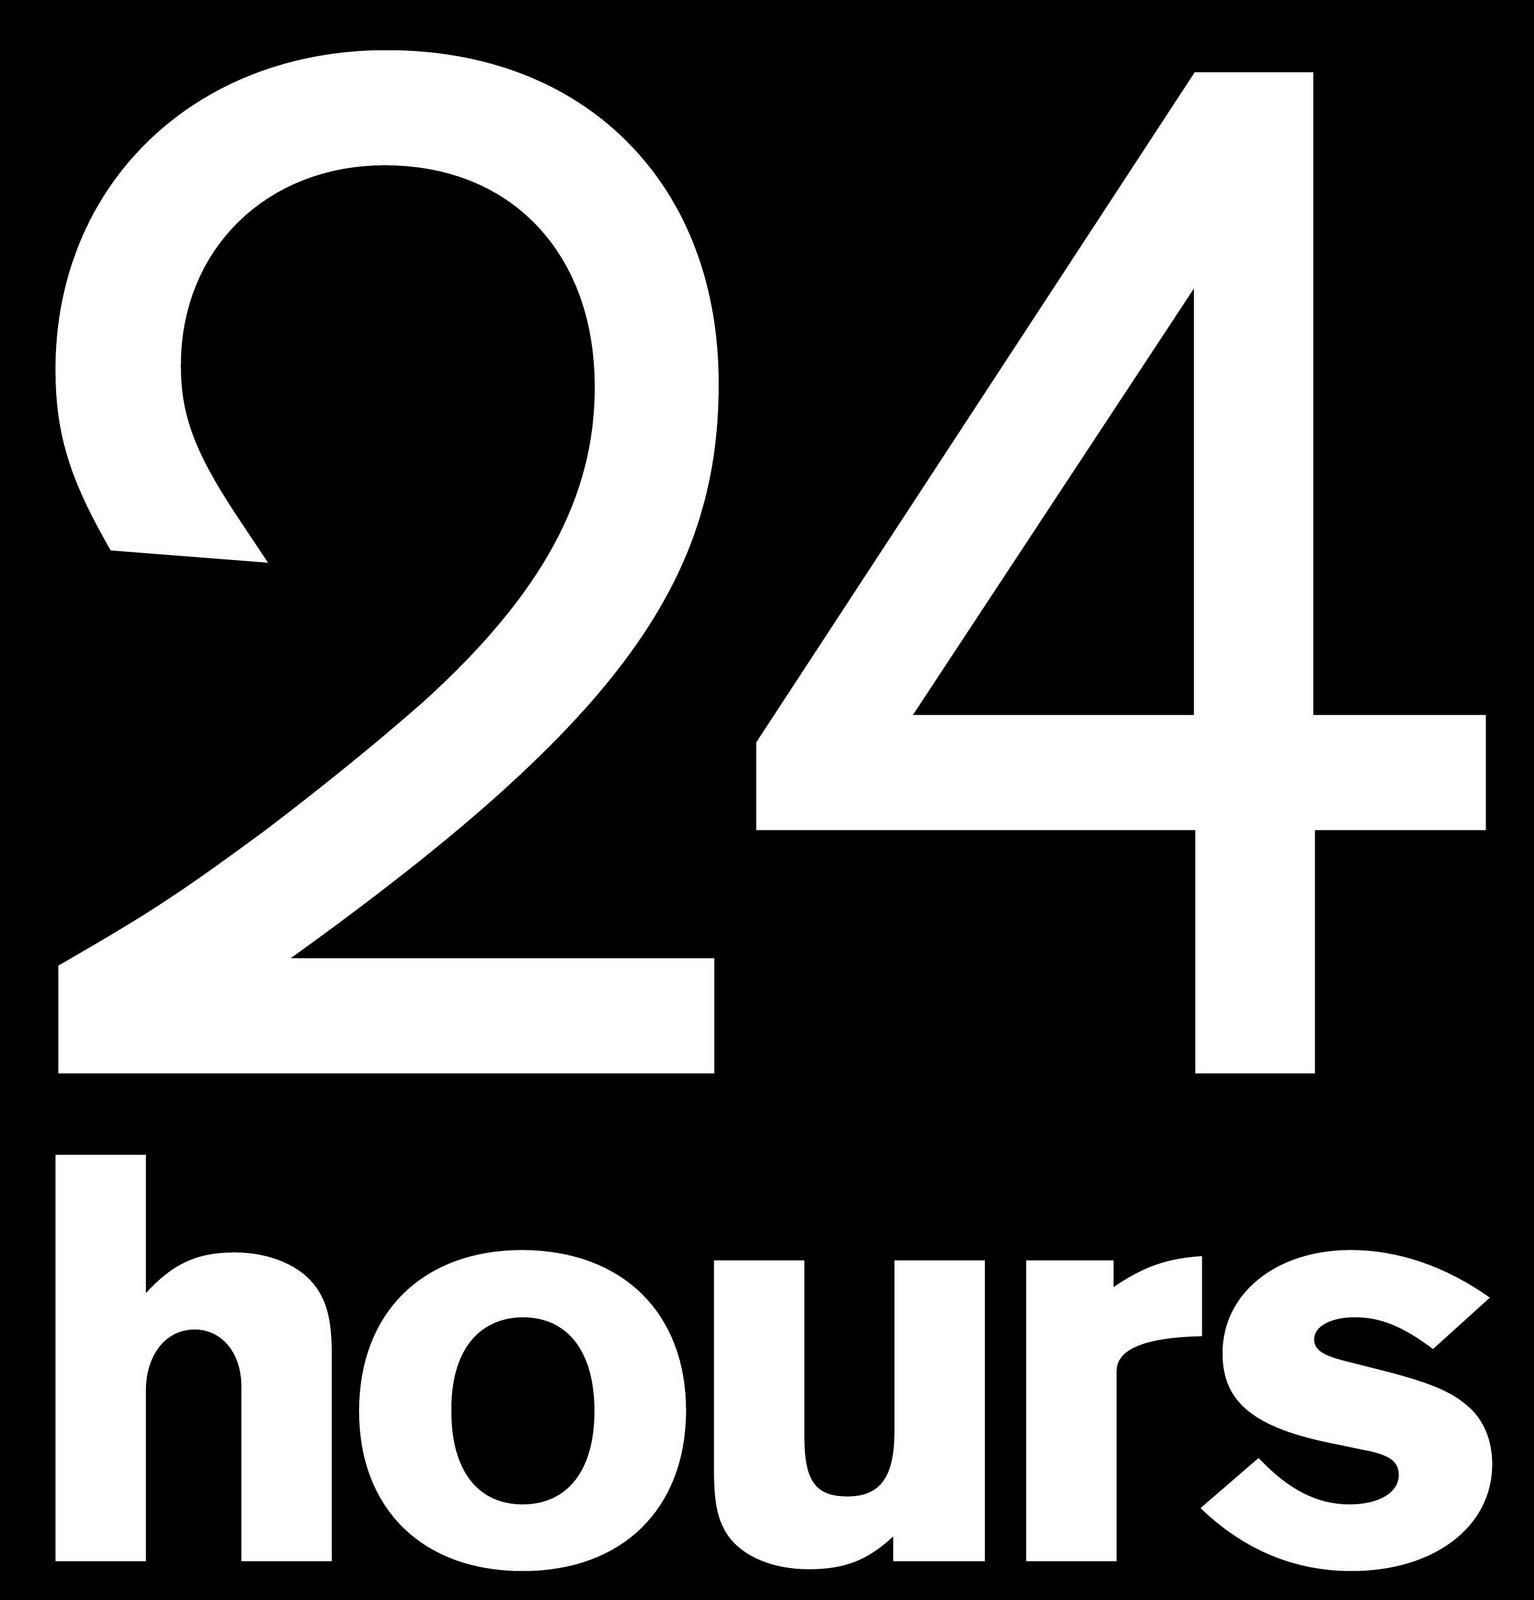 أطياف .. : اليوم فيه 24 ساعة فقط